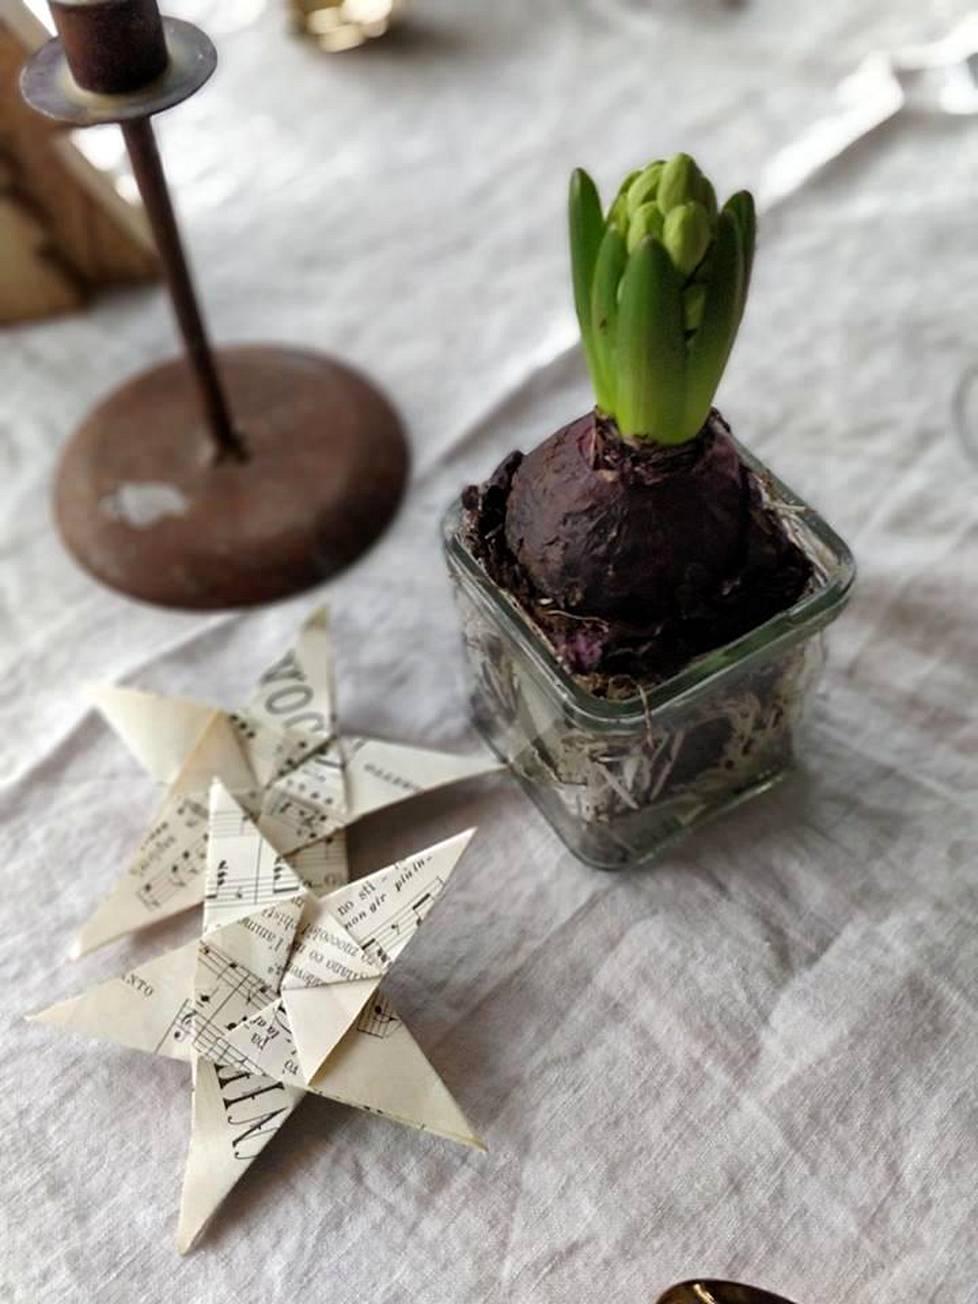 Marika Mäki-Haapojalla menee vuosittain noin 50-100 euroa joulukoristeisiin. Suurimman osan koristeista hän löytää kirpputoreilta.